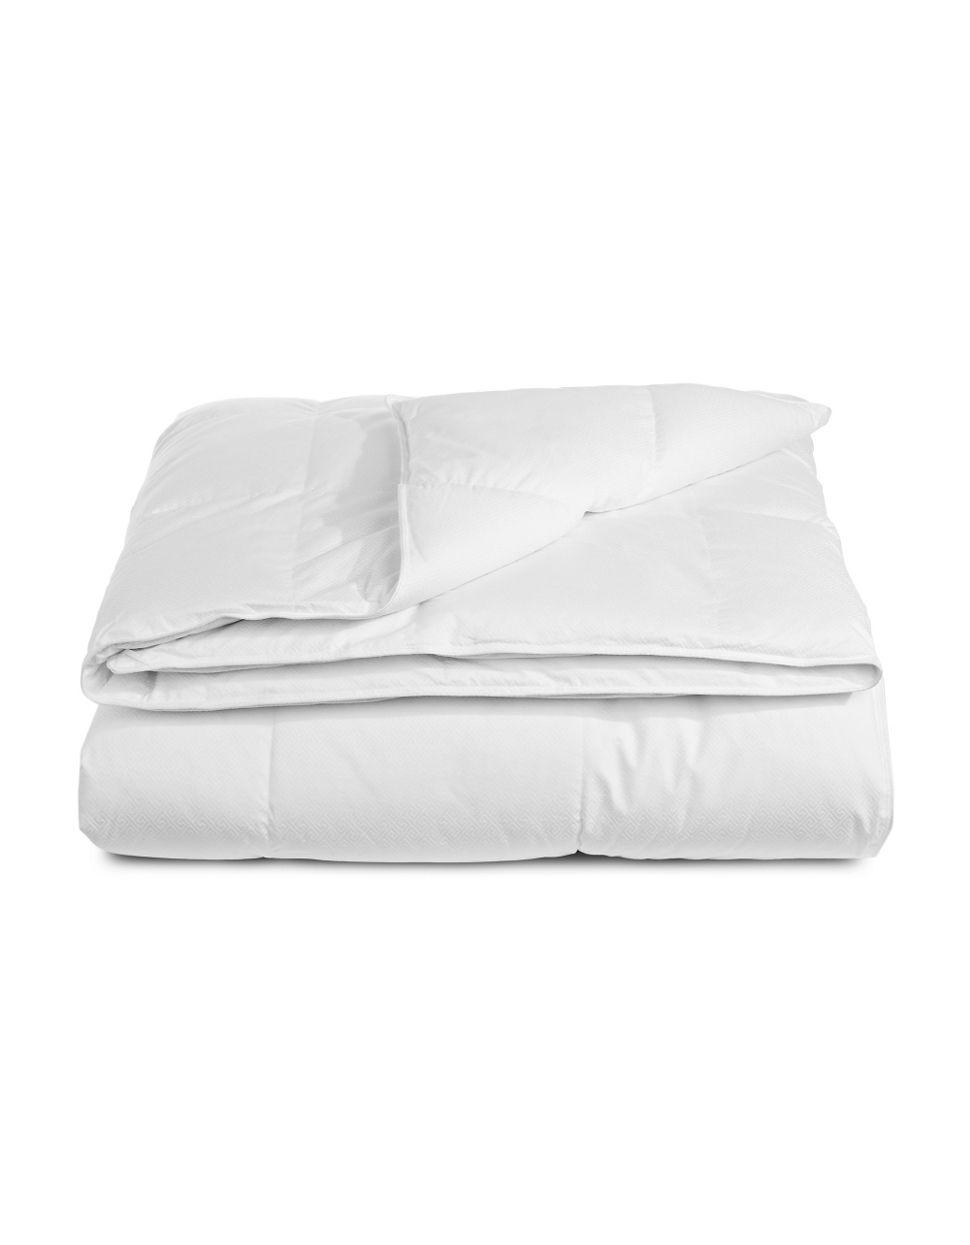 Finest Bedding Down Heavy Weight Duvet